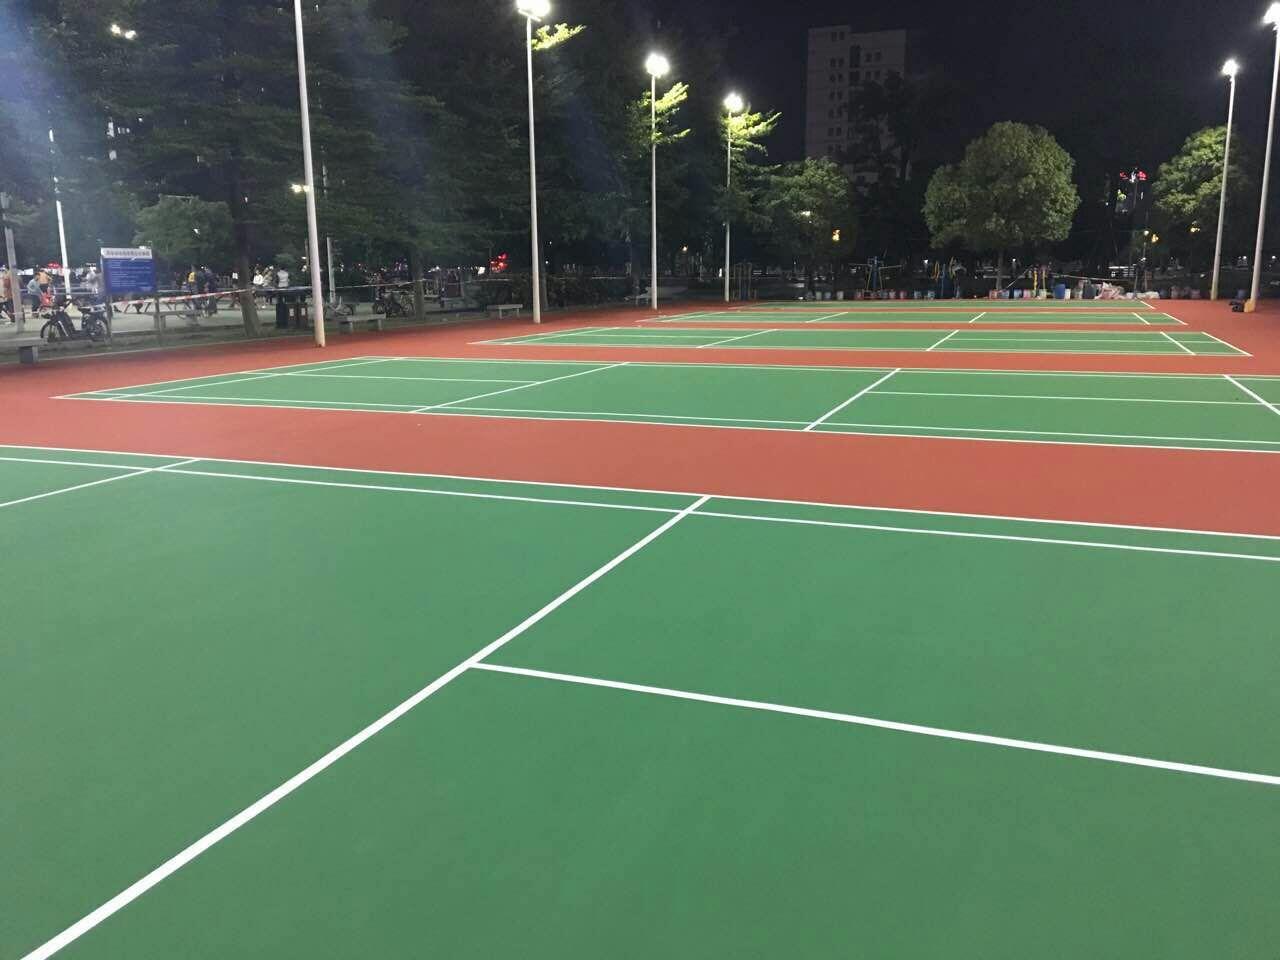 东凤镇休闲广场丙烯酸羽毛球场翻新